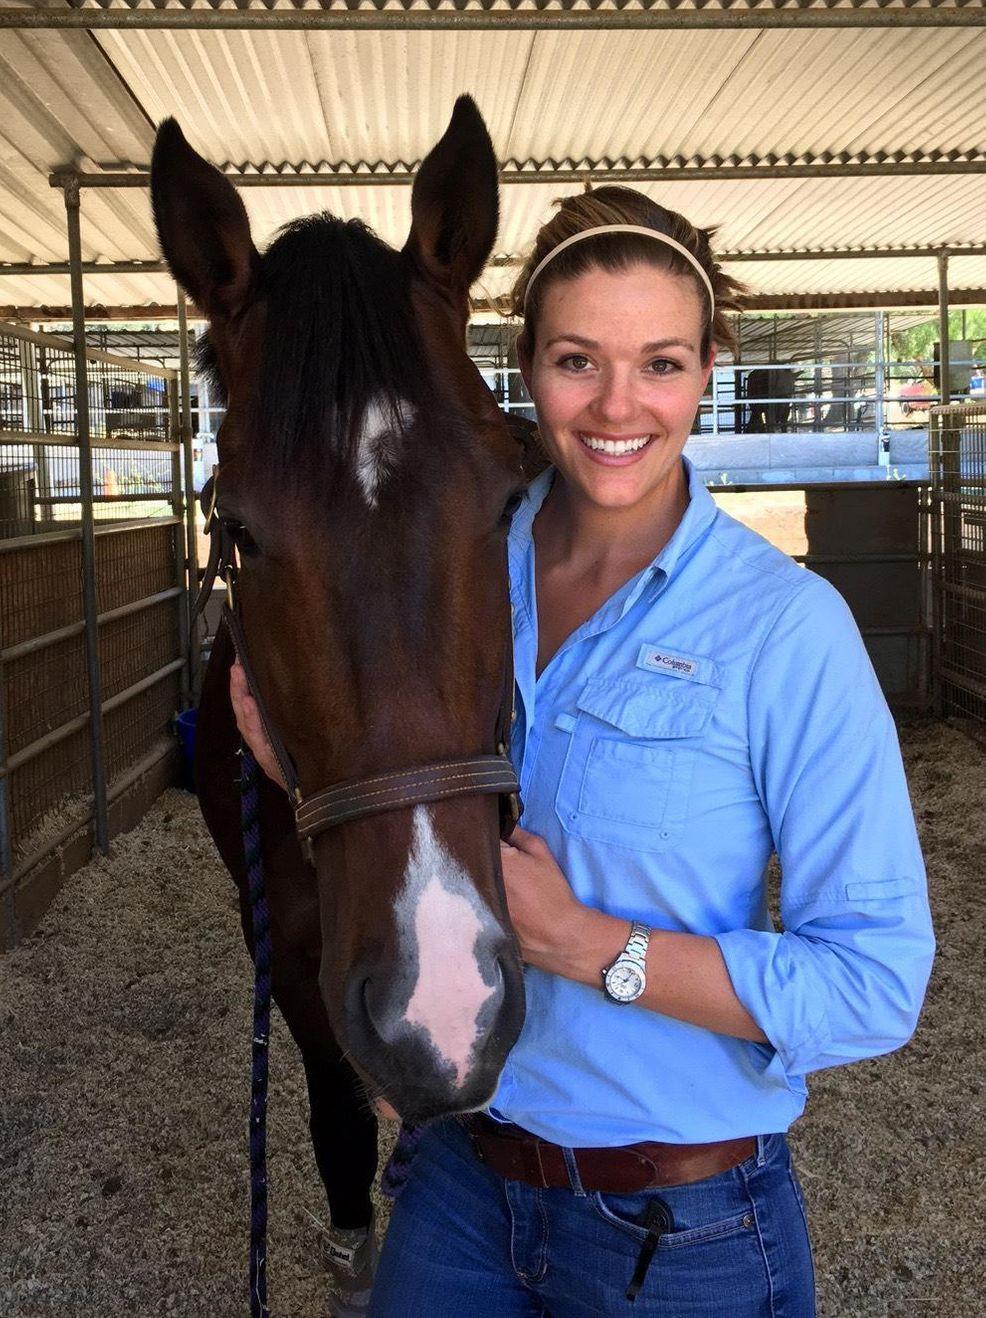 Dr. Nenn, equine dentistry